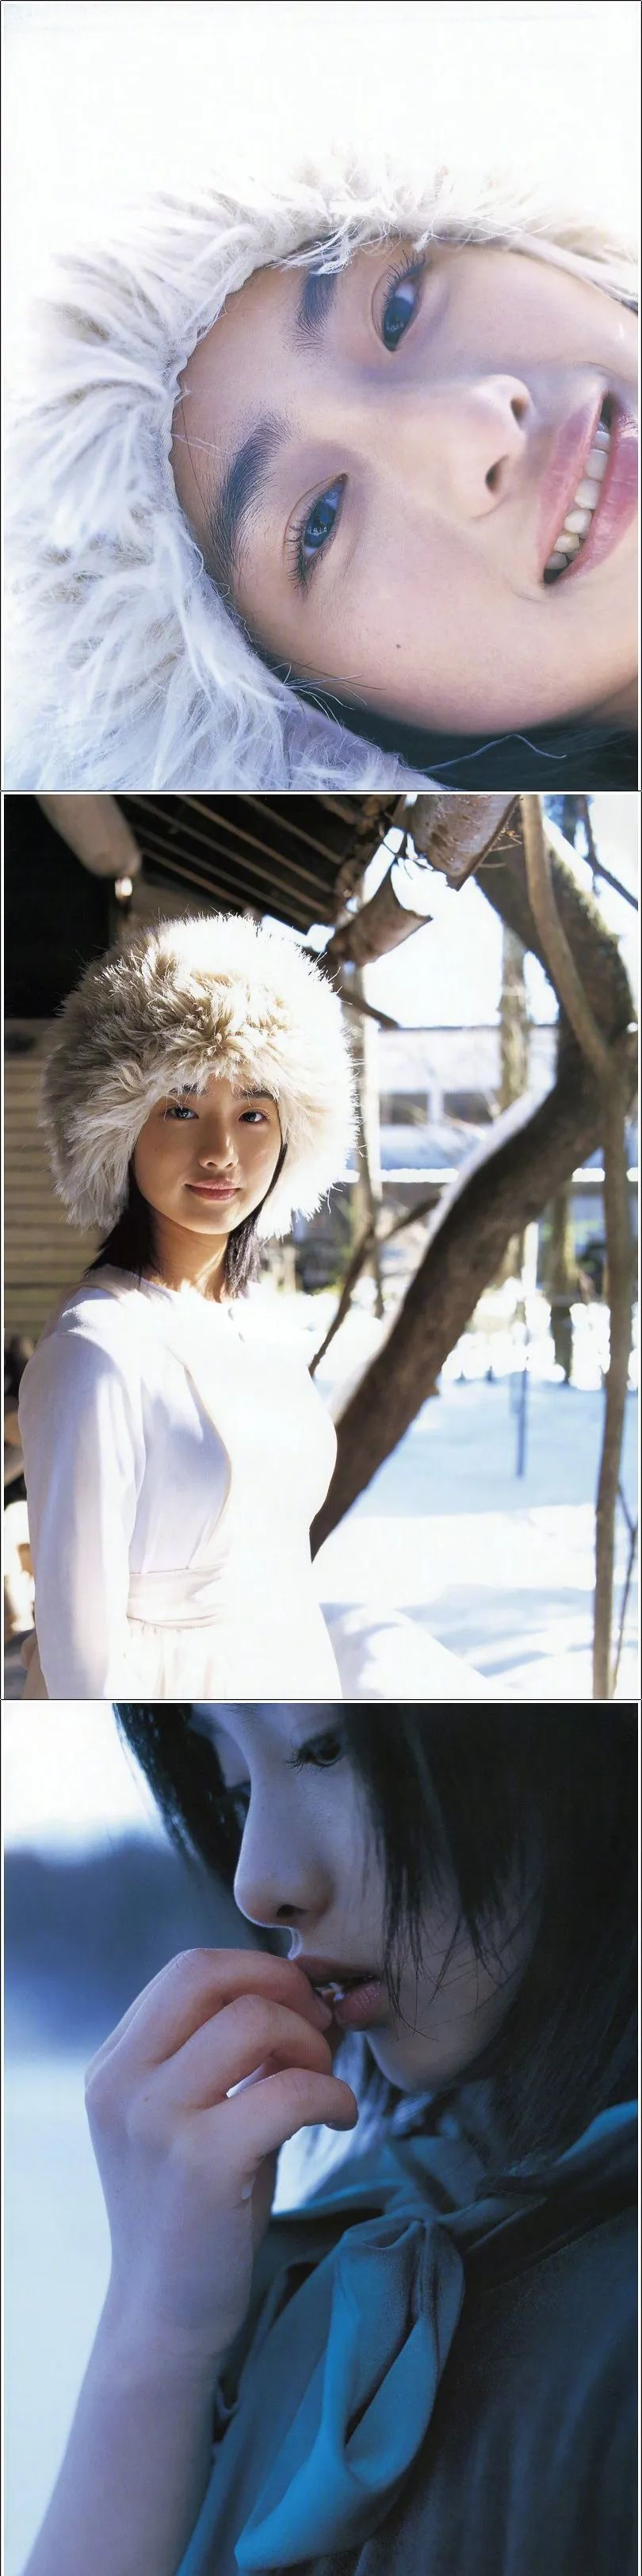 石原里美 16岁时的写真_图片 No.1